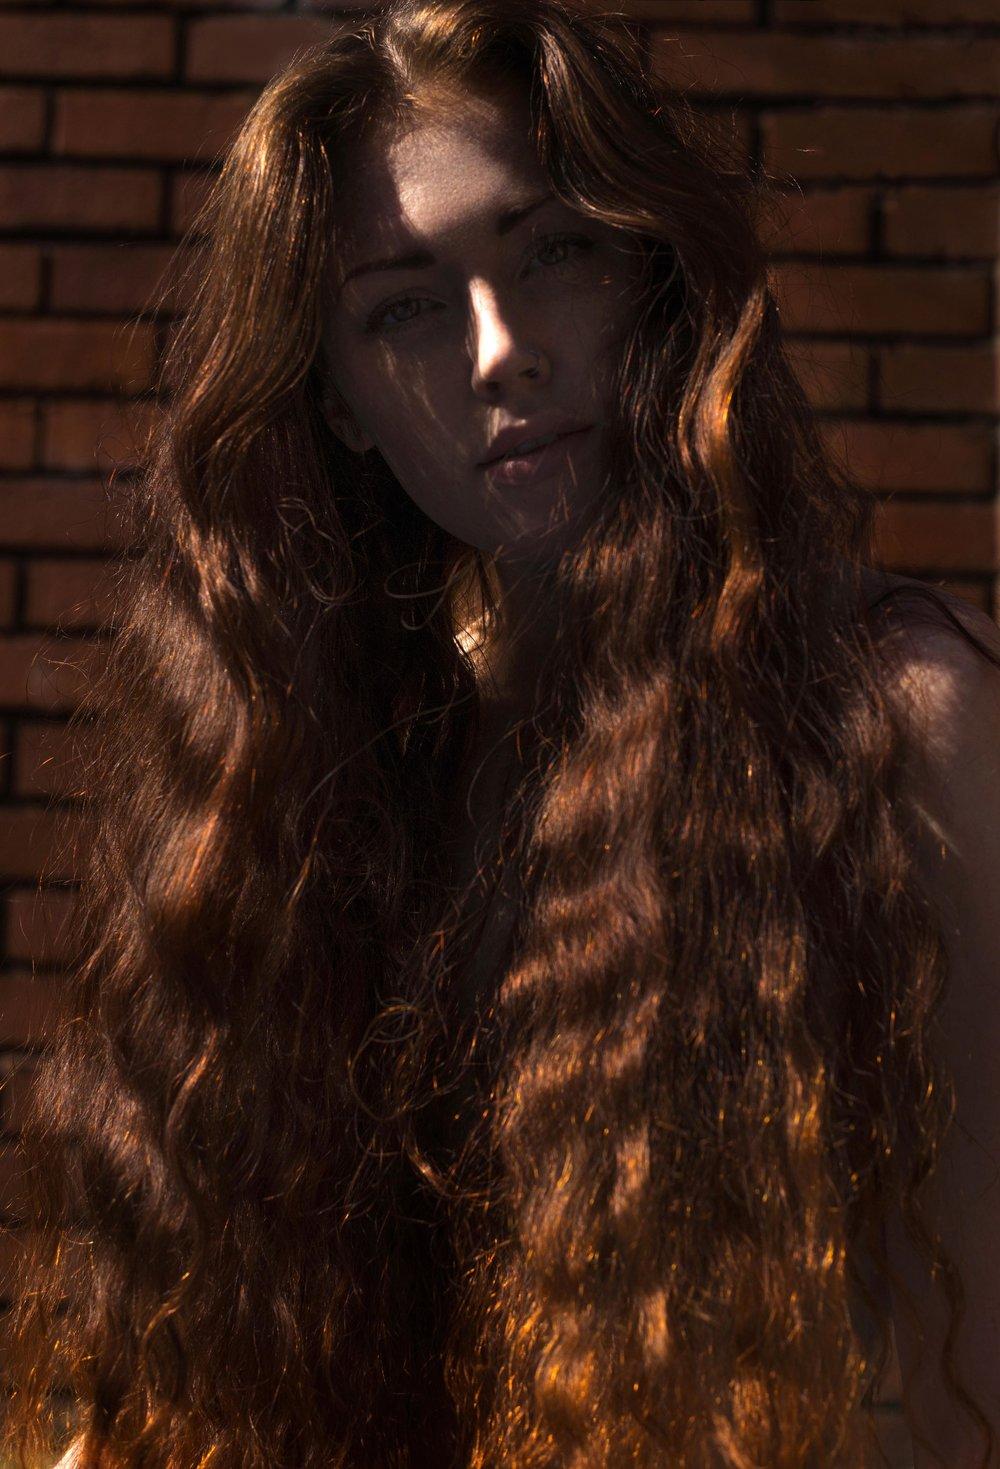 Amy by Vikash